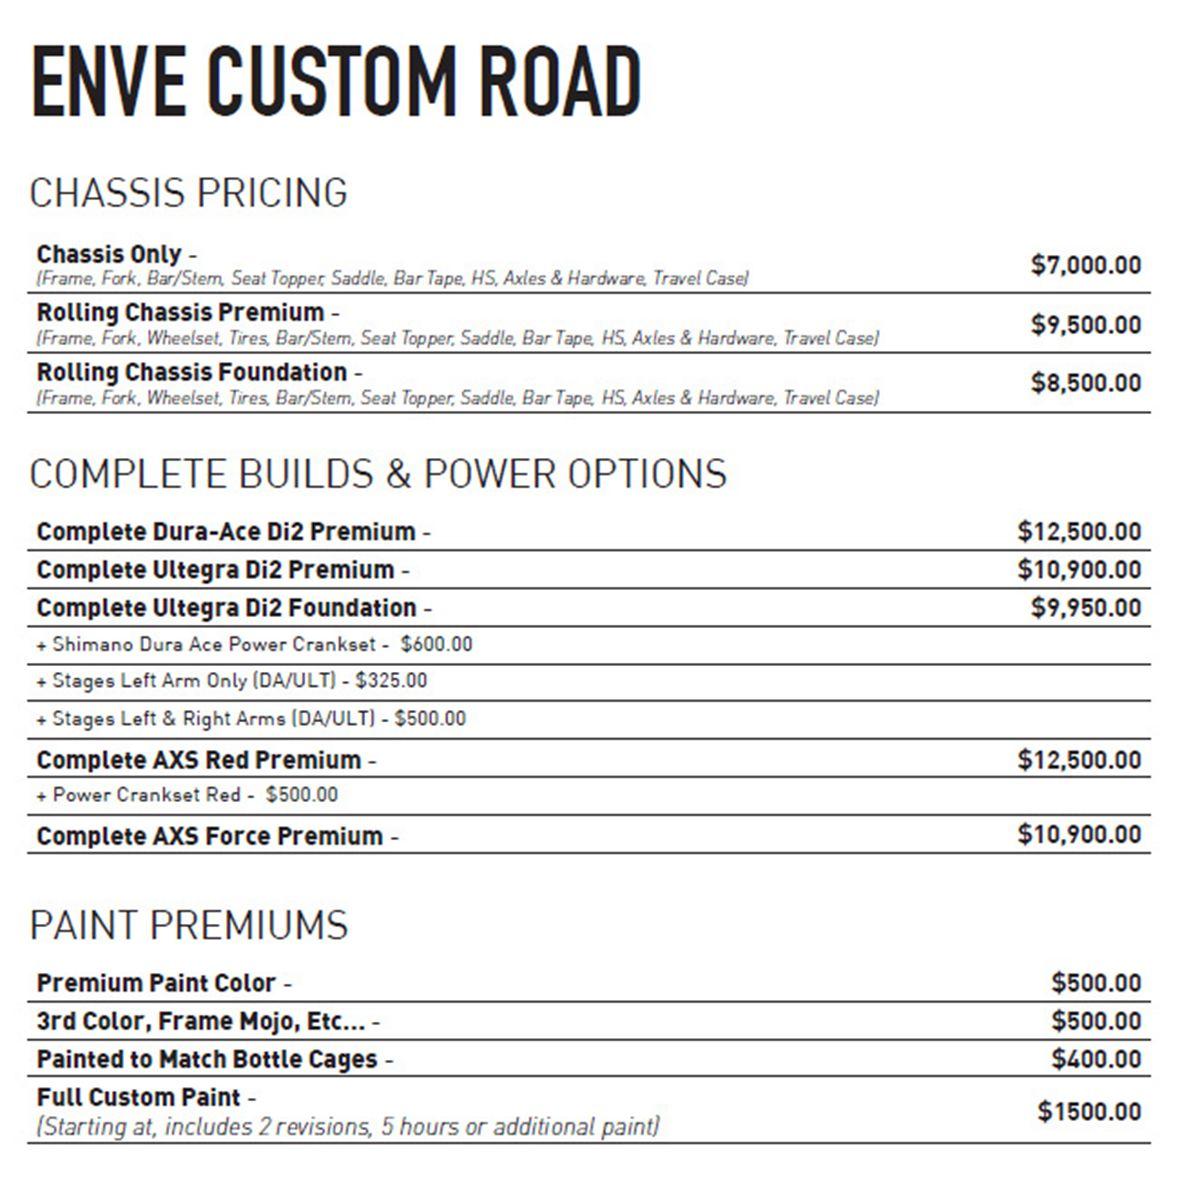 ENVE-Custom-Road-bike-pricing-list-2021.jpg